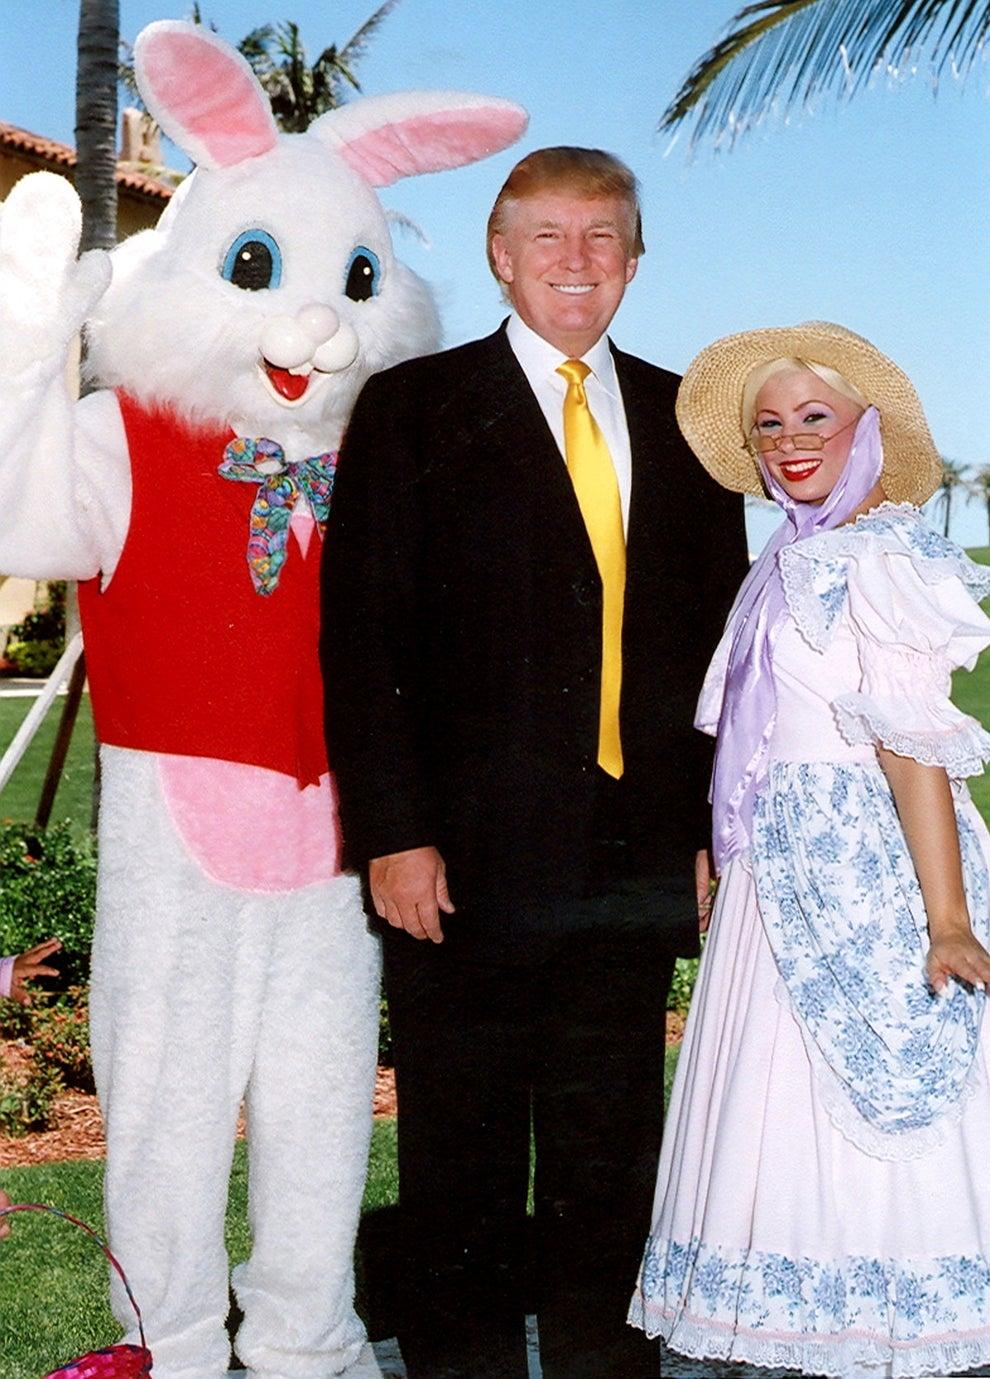 Trump brillando de felicidad durante una foto con el conejo de Pascua y Bo Peep en Mar-a-Lago en 2006: